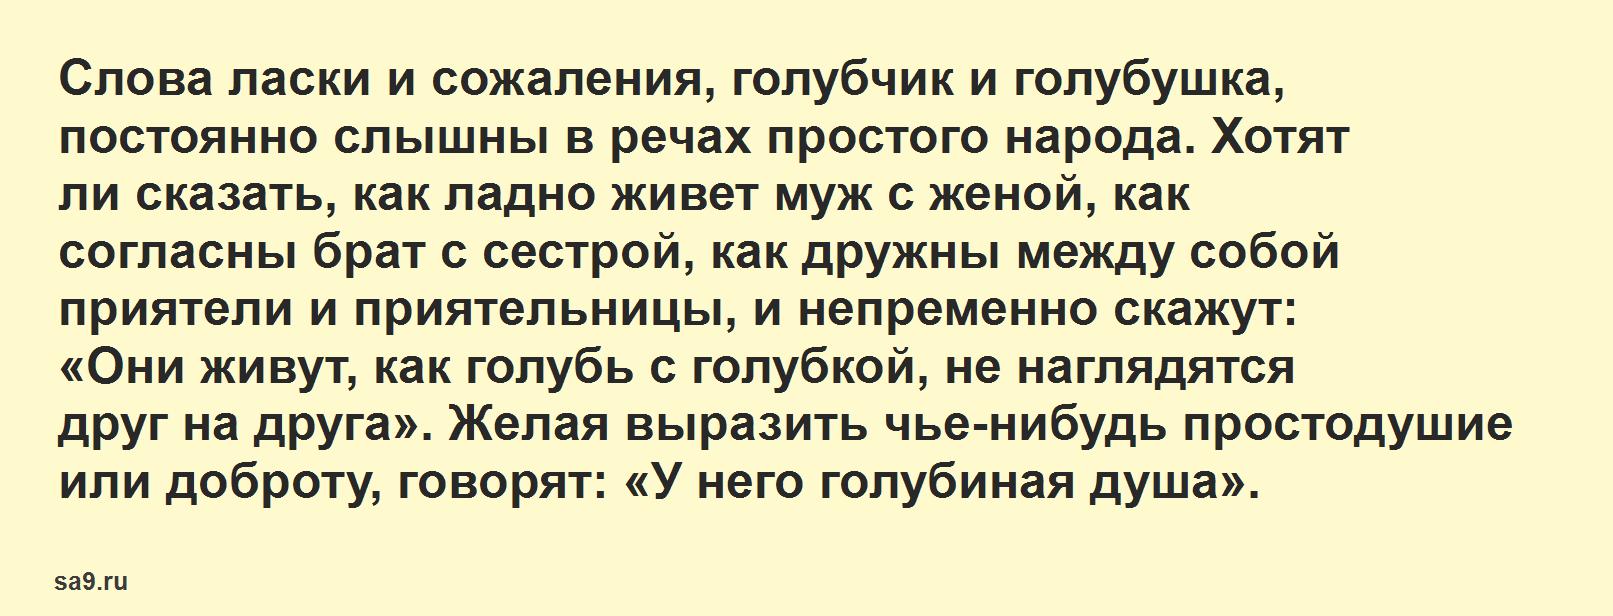 Рассказ Аксакова – Голуби, читать онлайн бесплатно